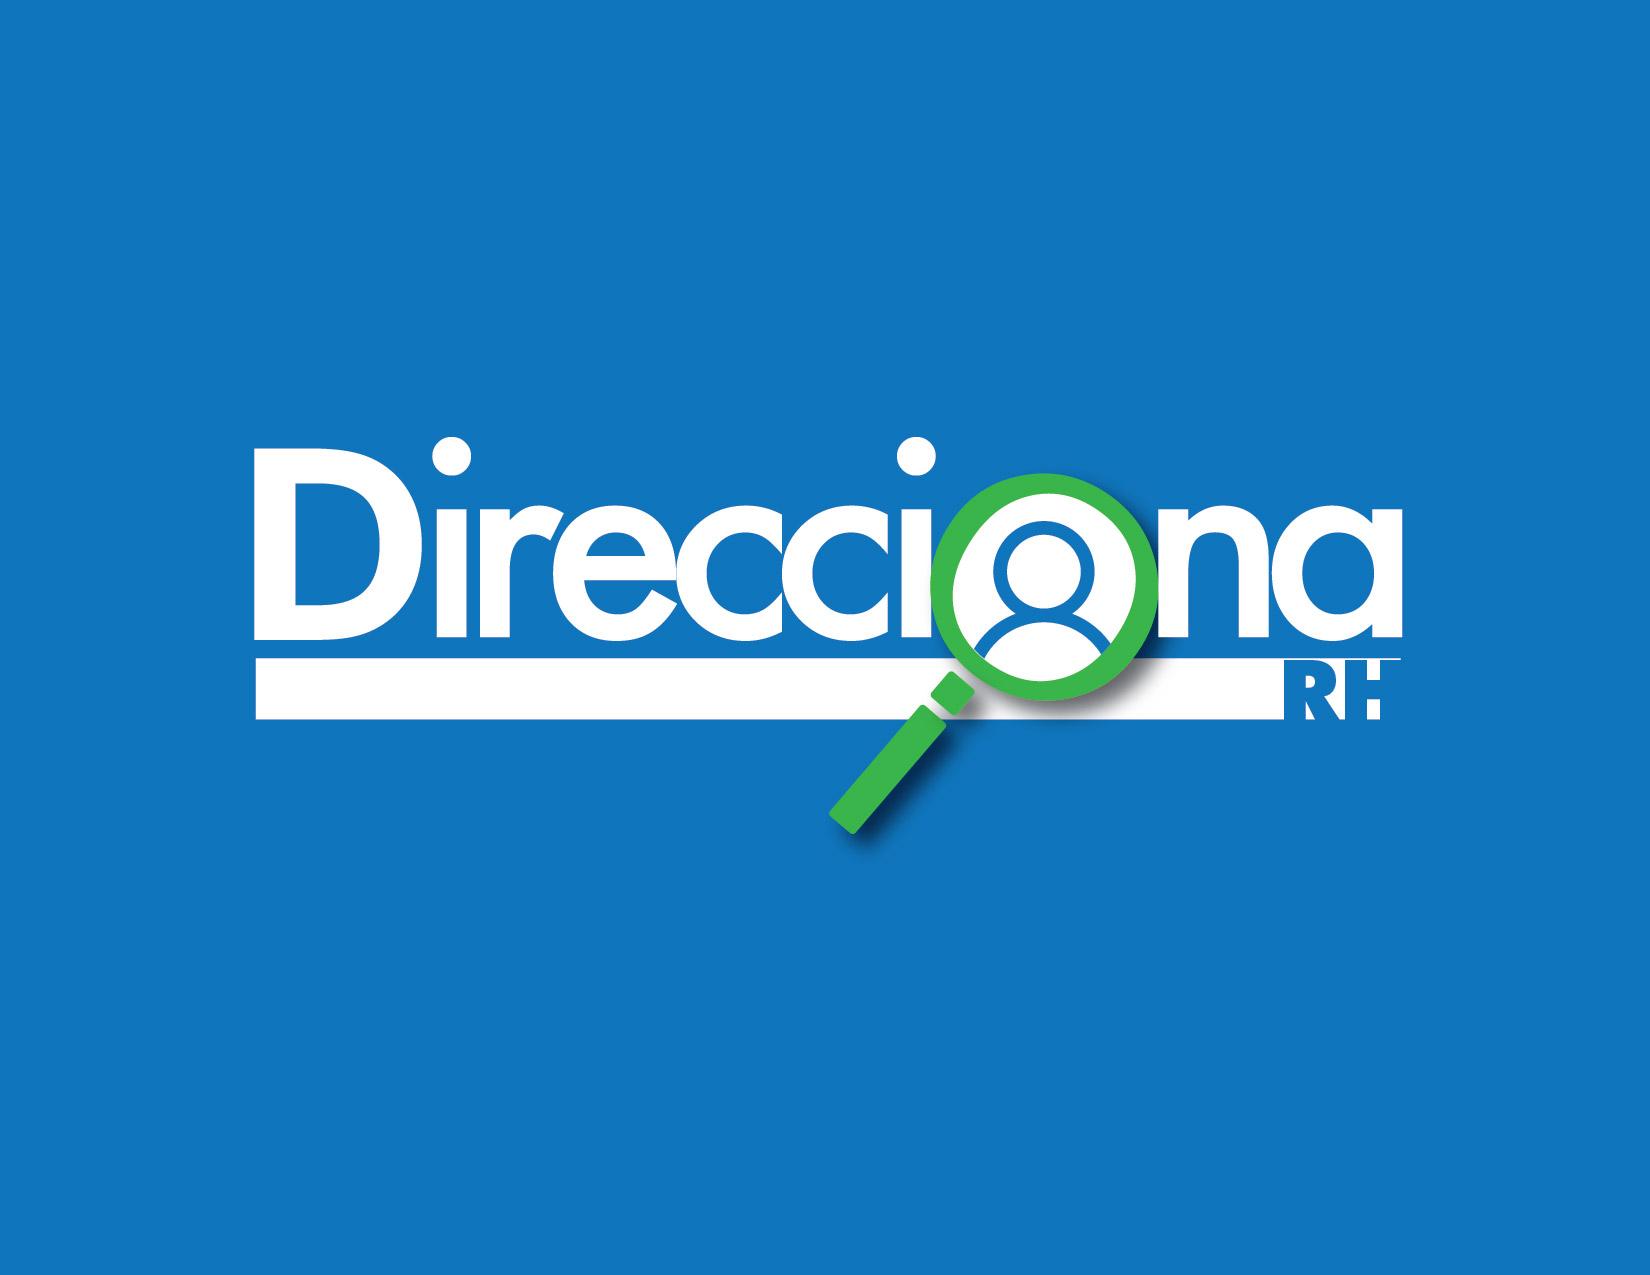 direccionarh